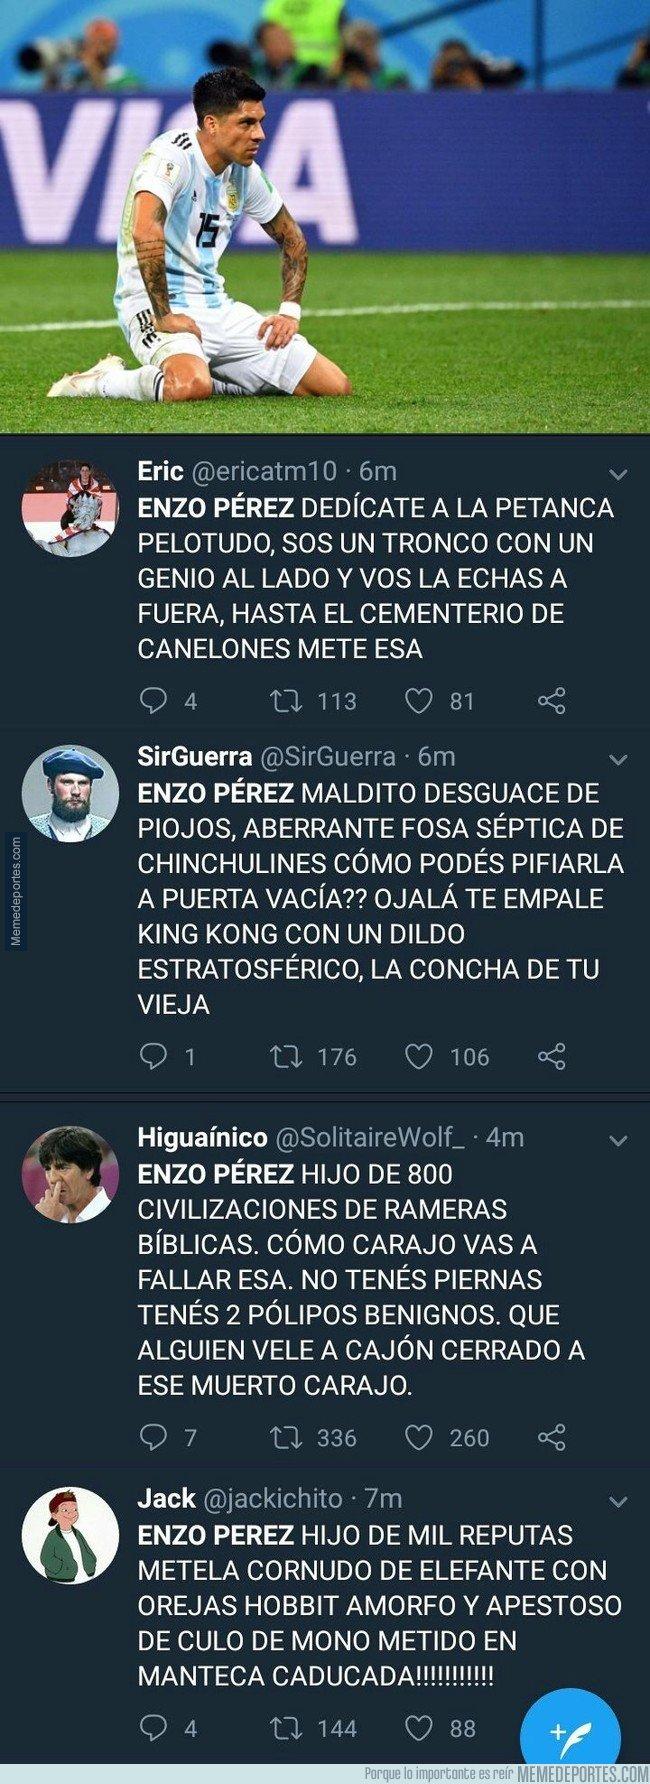 1039707 - Los insultos Argentinos a Enzo Perez después de haber fallado una ocasión sin portero